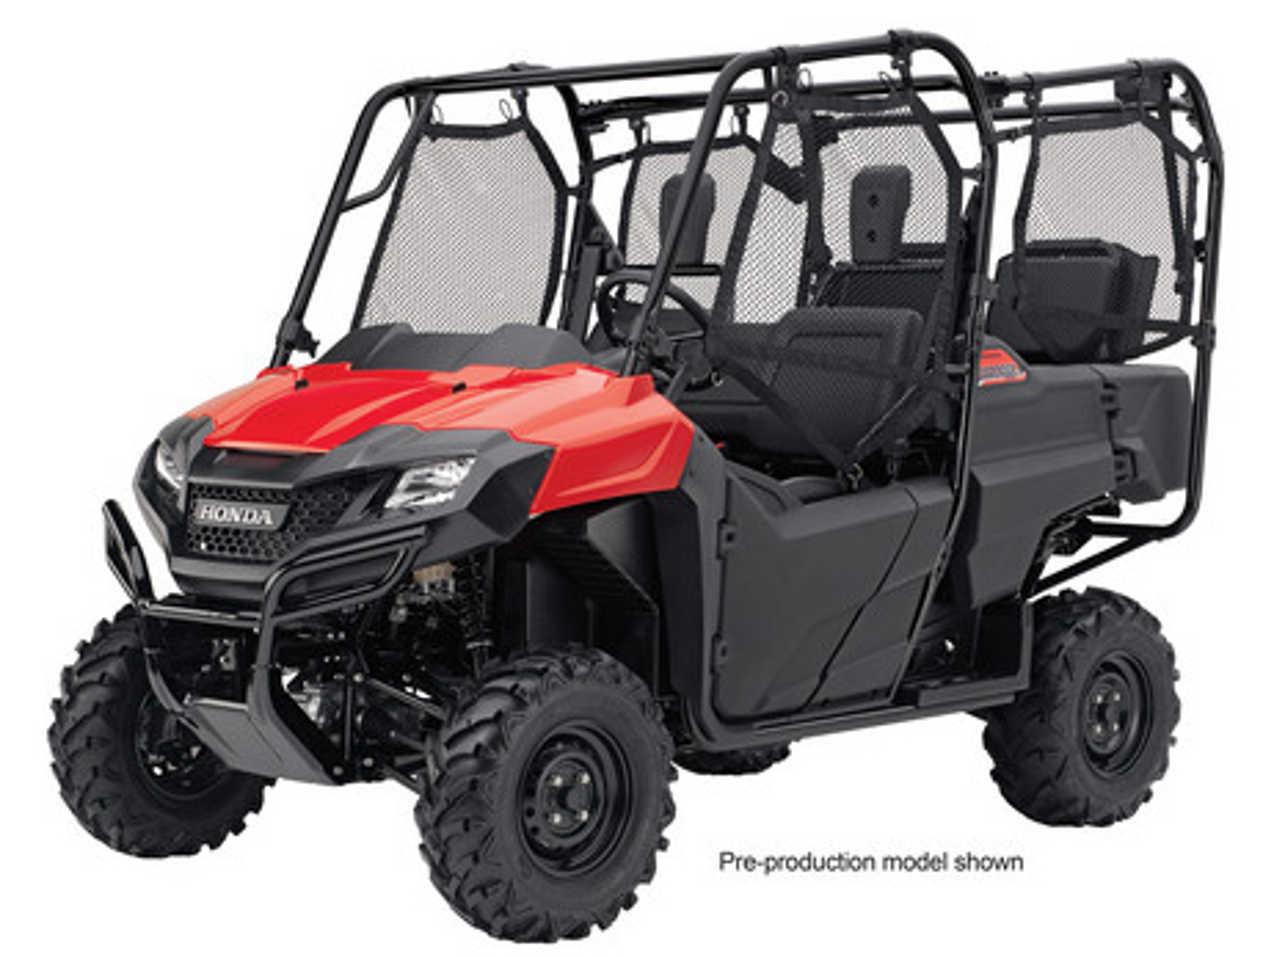 Honda Pioneer 700 >> Honda Pioneer 700 - 4 UTV Rental | Wescan Rentals